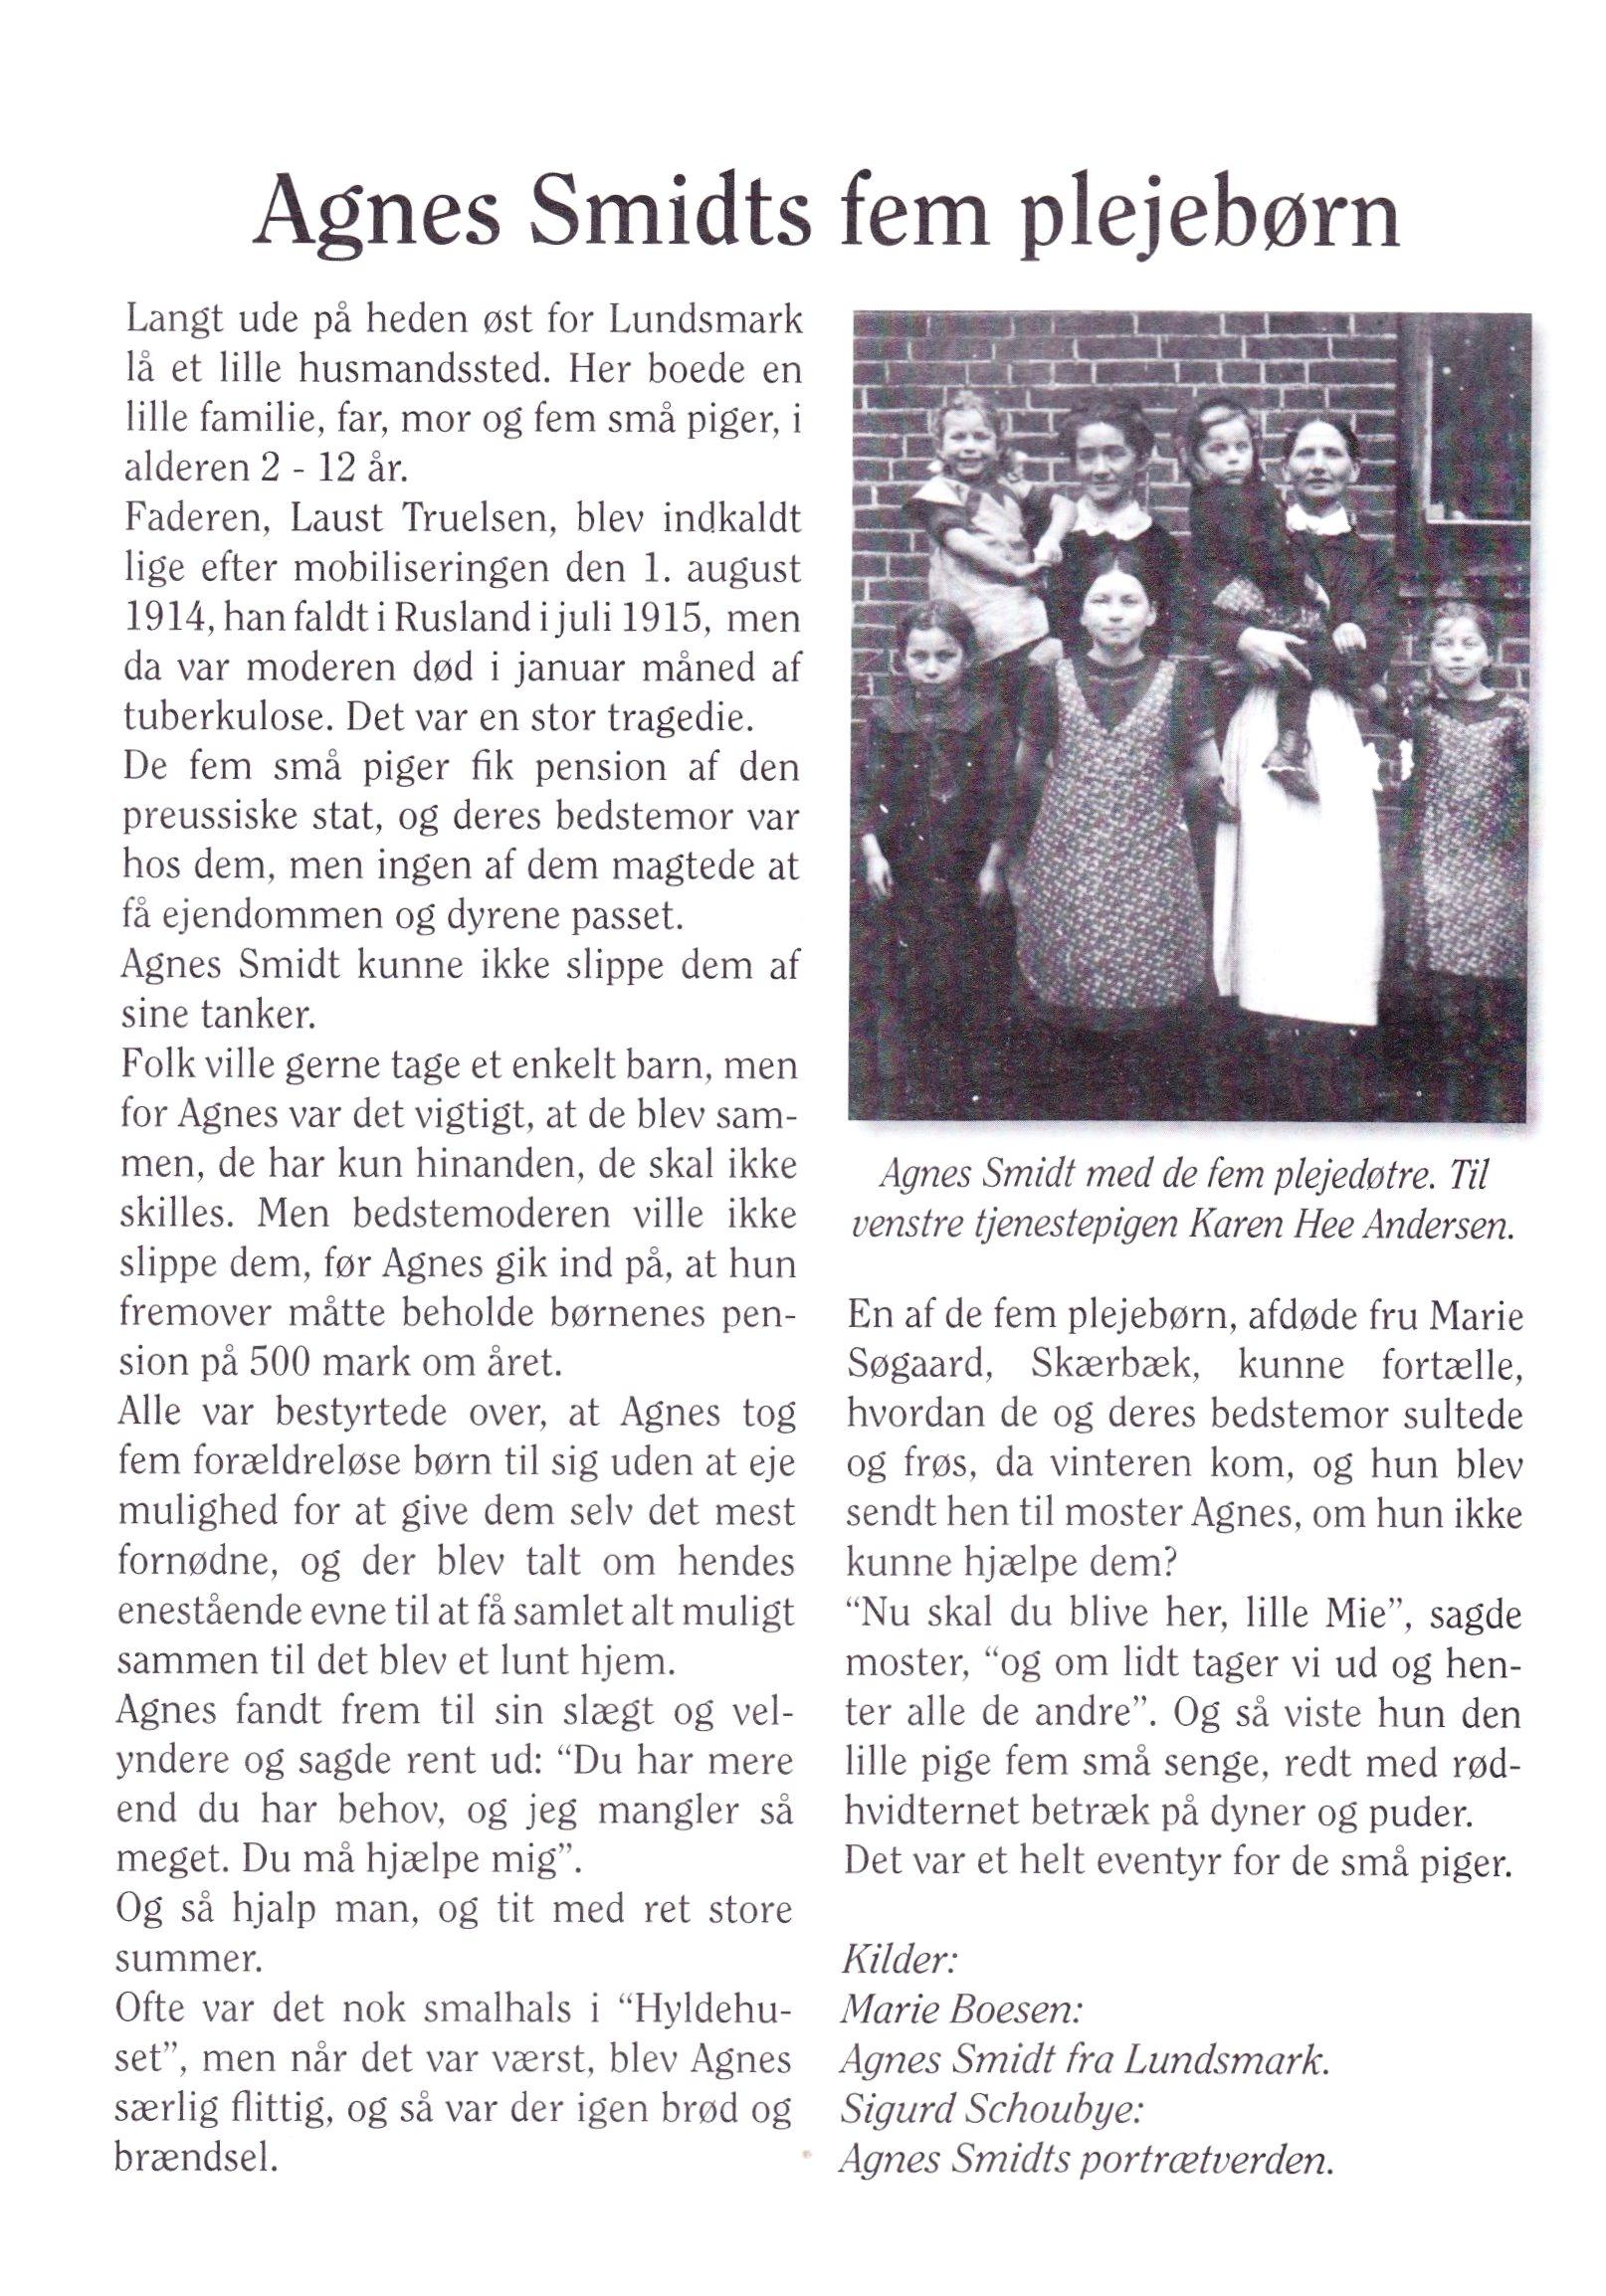 Marie Boesen fortæller om, hvordan Agnes Smidt tog de 5 forældreløse piger til sig, så de ikke skulle skilles efter forældrenes død